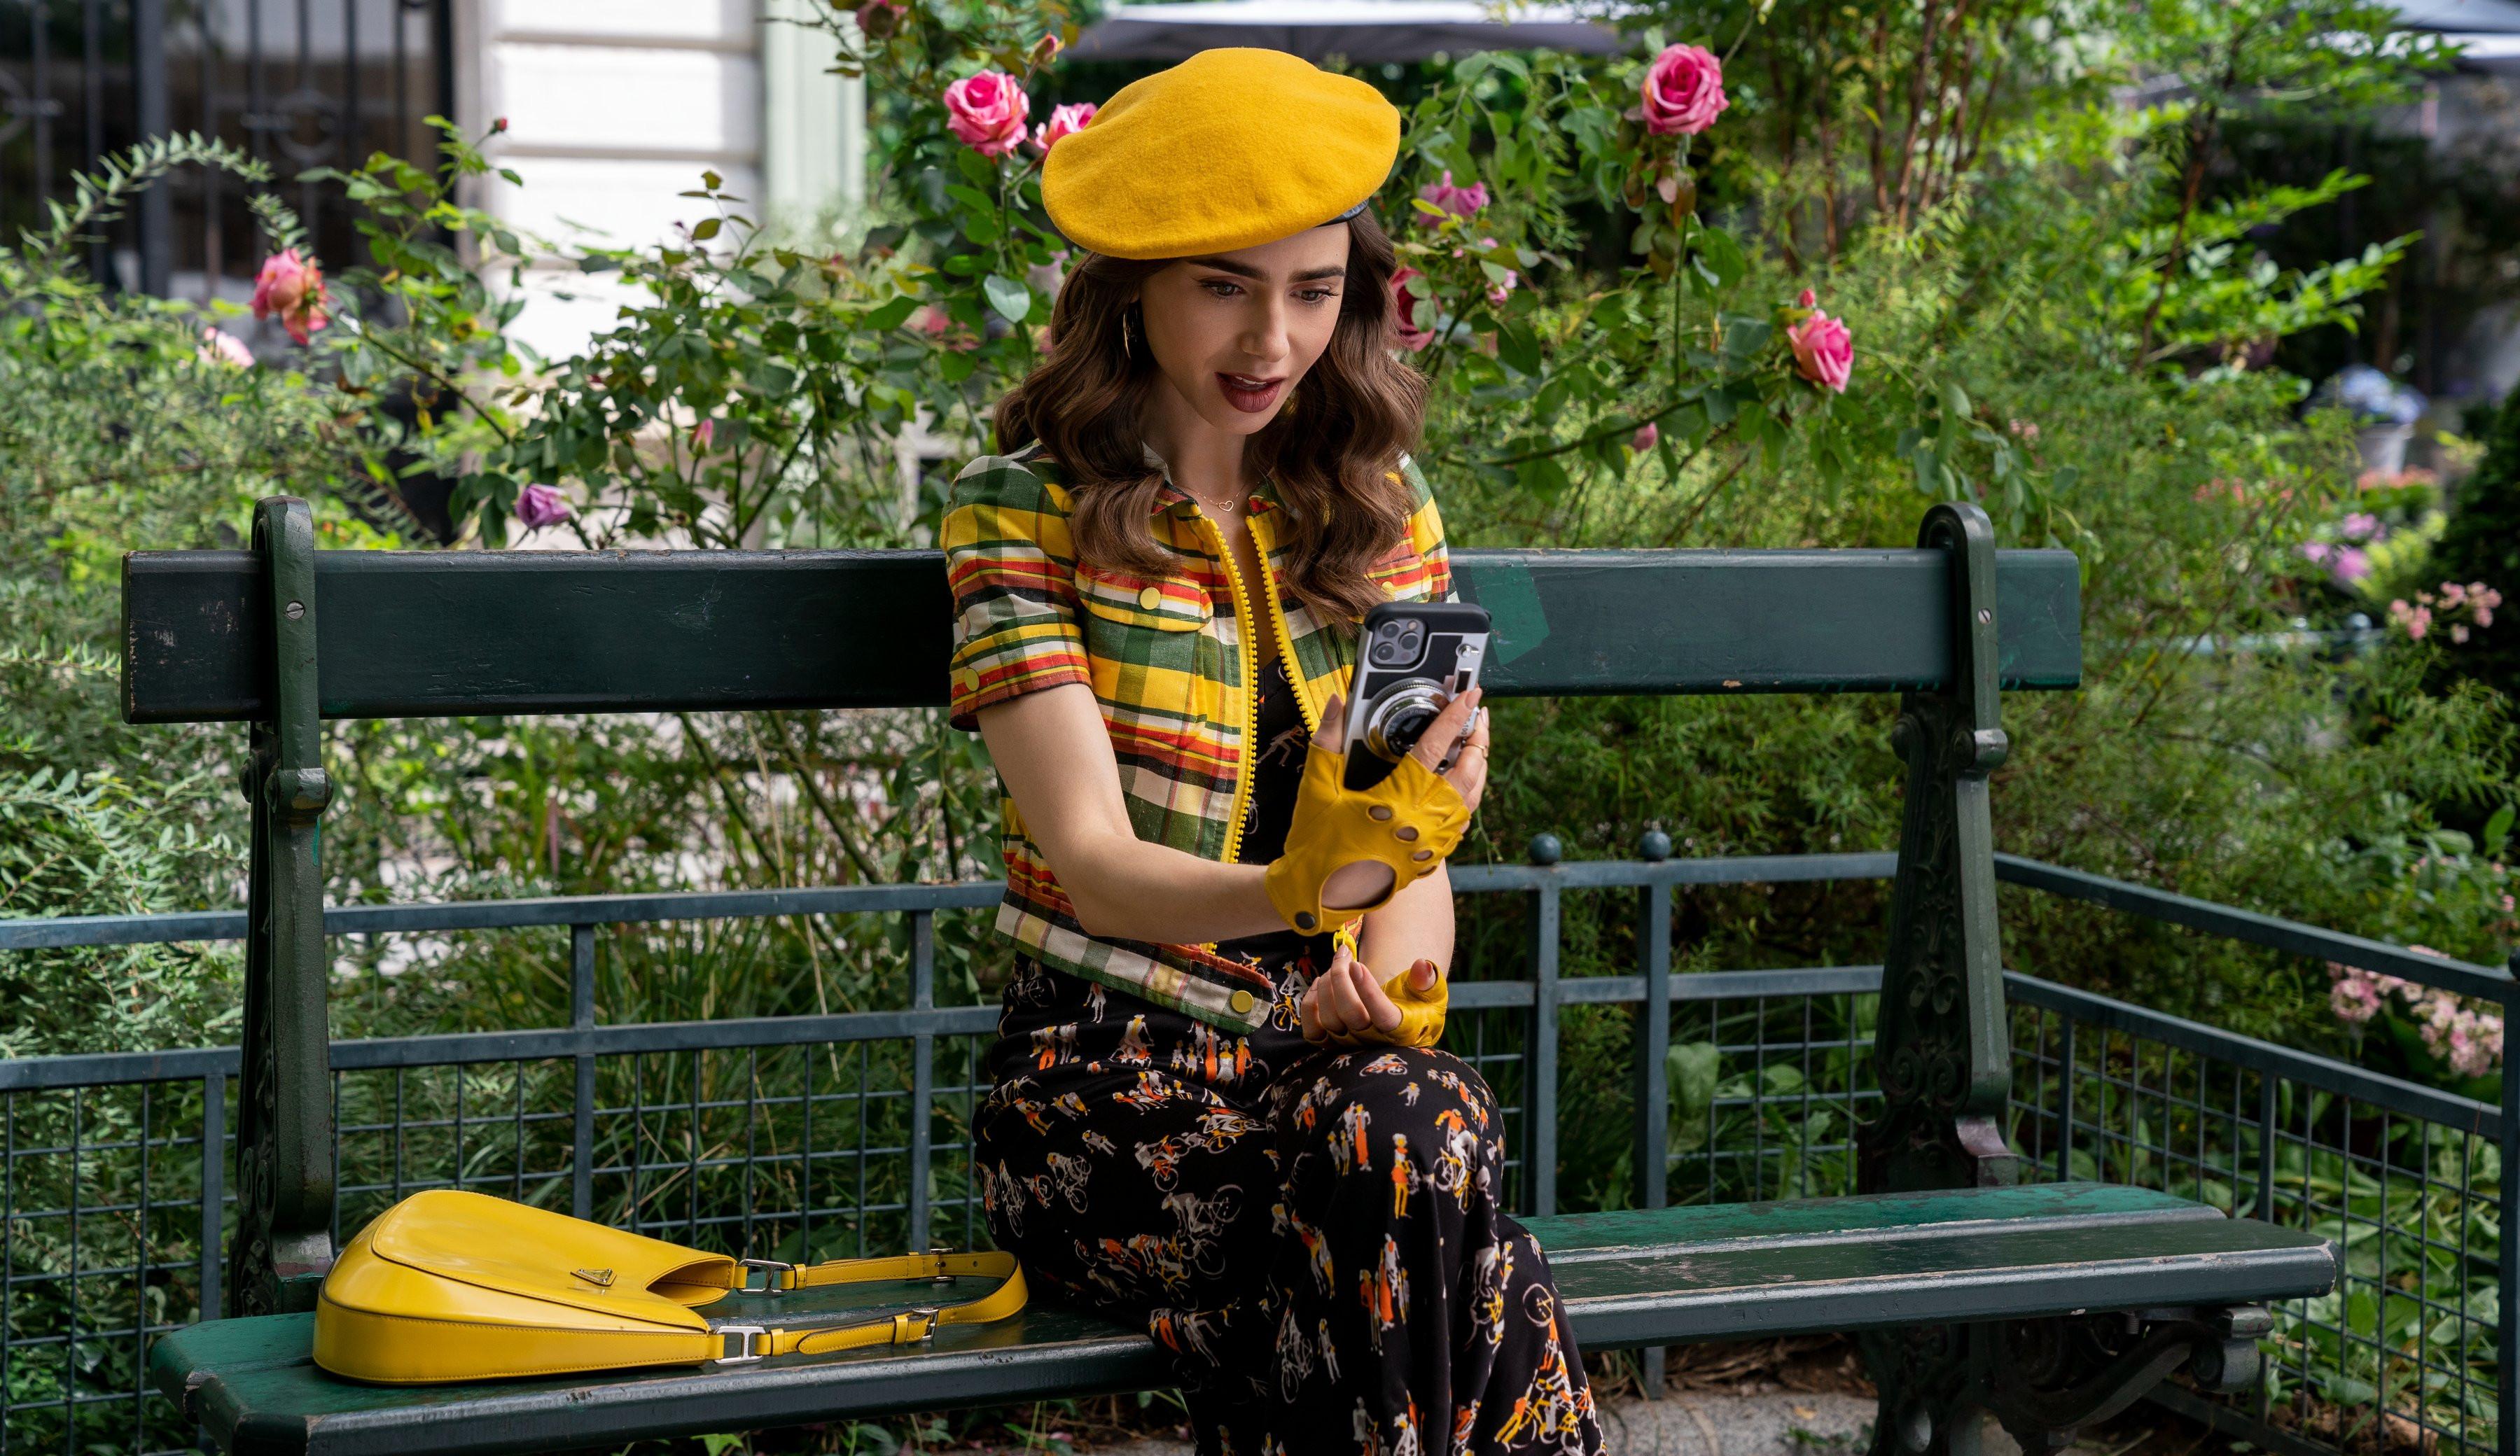 Emily em Paris: Netflix divulga imagens da segunda temporada